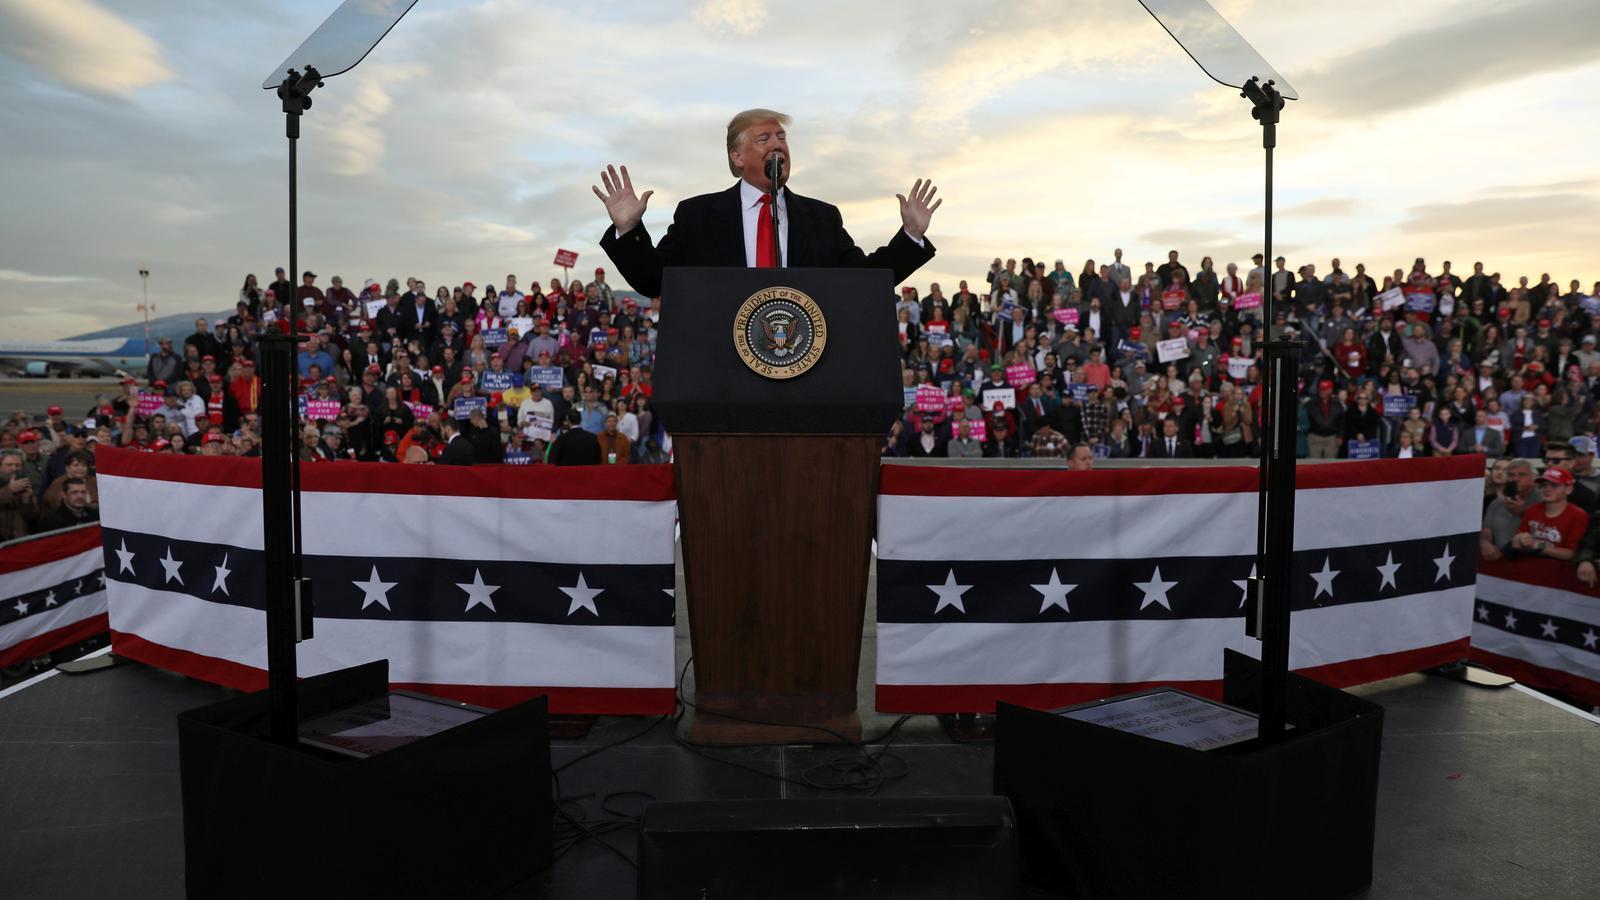 El president Donald Trump en un míting durant la manifestació a la ciutat de Missoula.